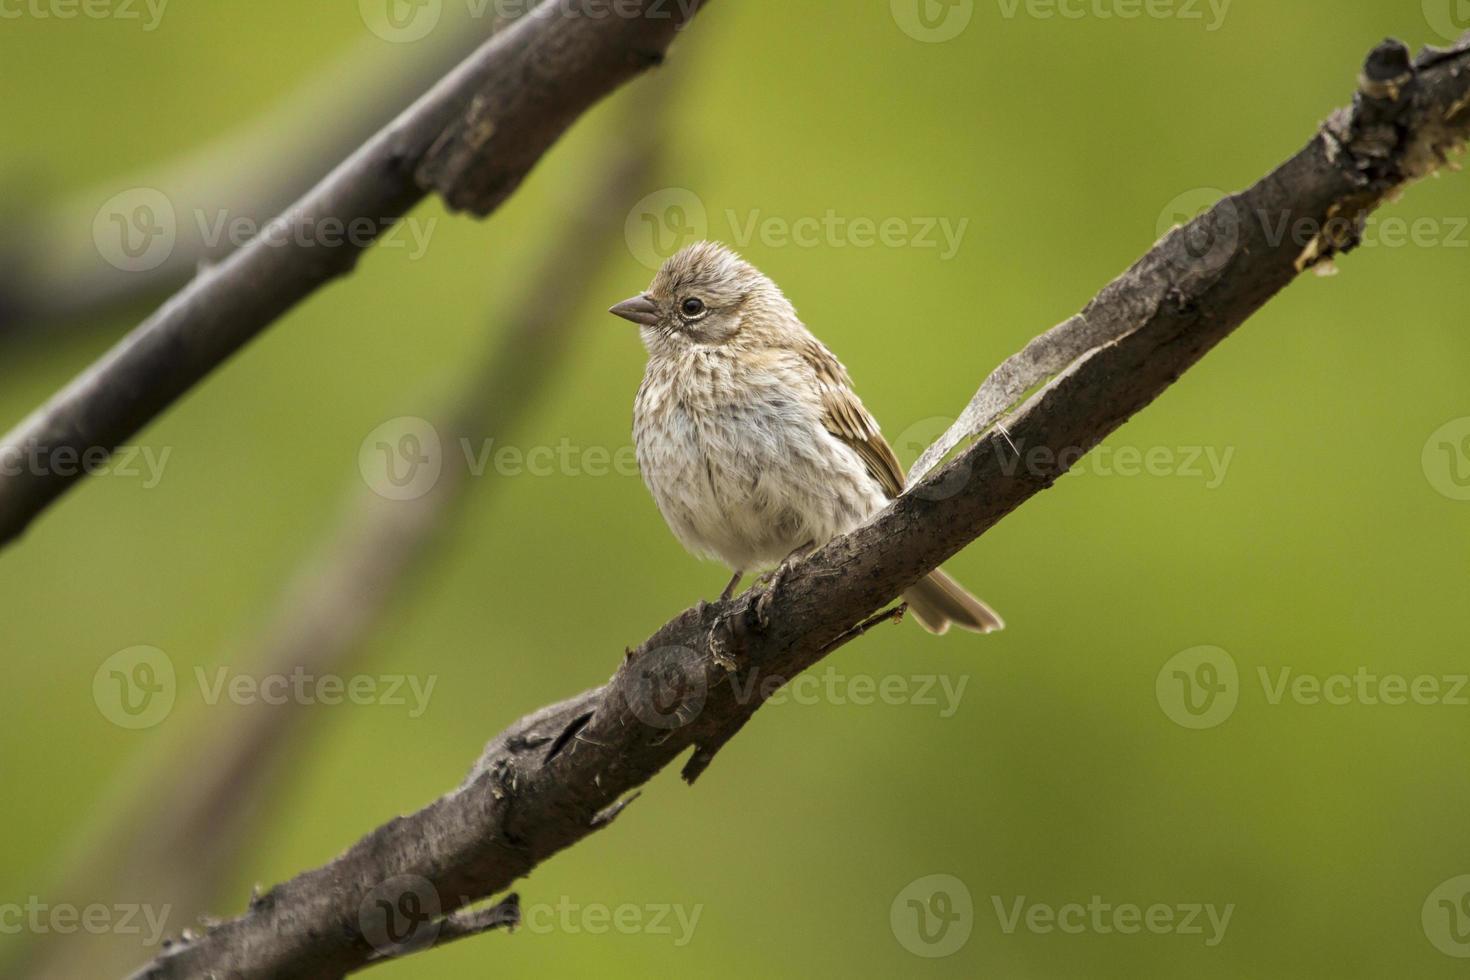 oiseau sur une branche, ramification avec fond vert. photo